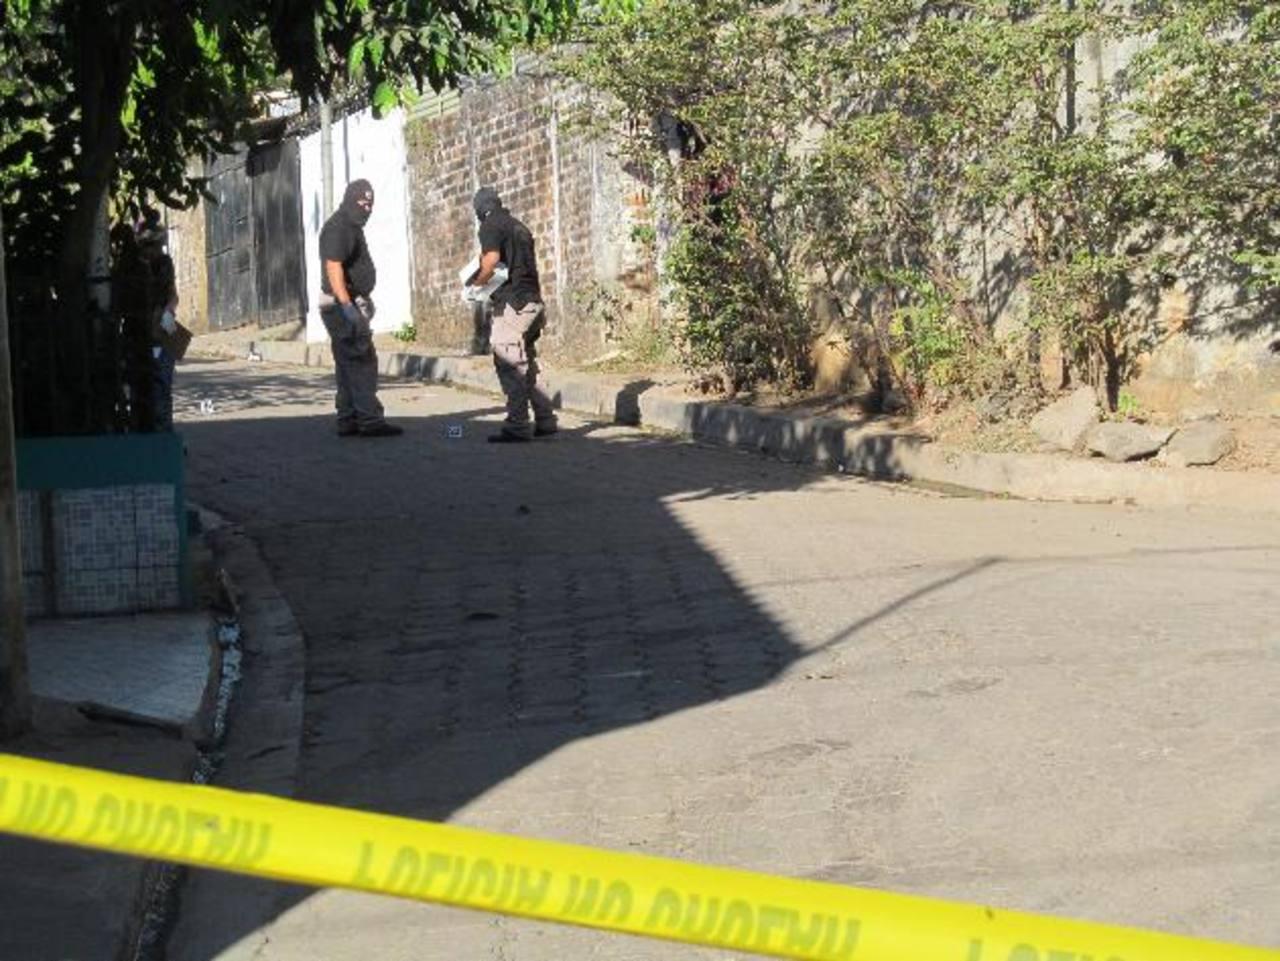 El ataque al policía y a su familia que fue cometido ayer en Guazapa ocurrió en una colonia que está inmediata al caserío Los Mayorga, donde una estructura de pandillas se ha hecho del control de ese sector. Un operativo policial, montado cuatro hora